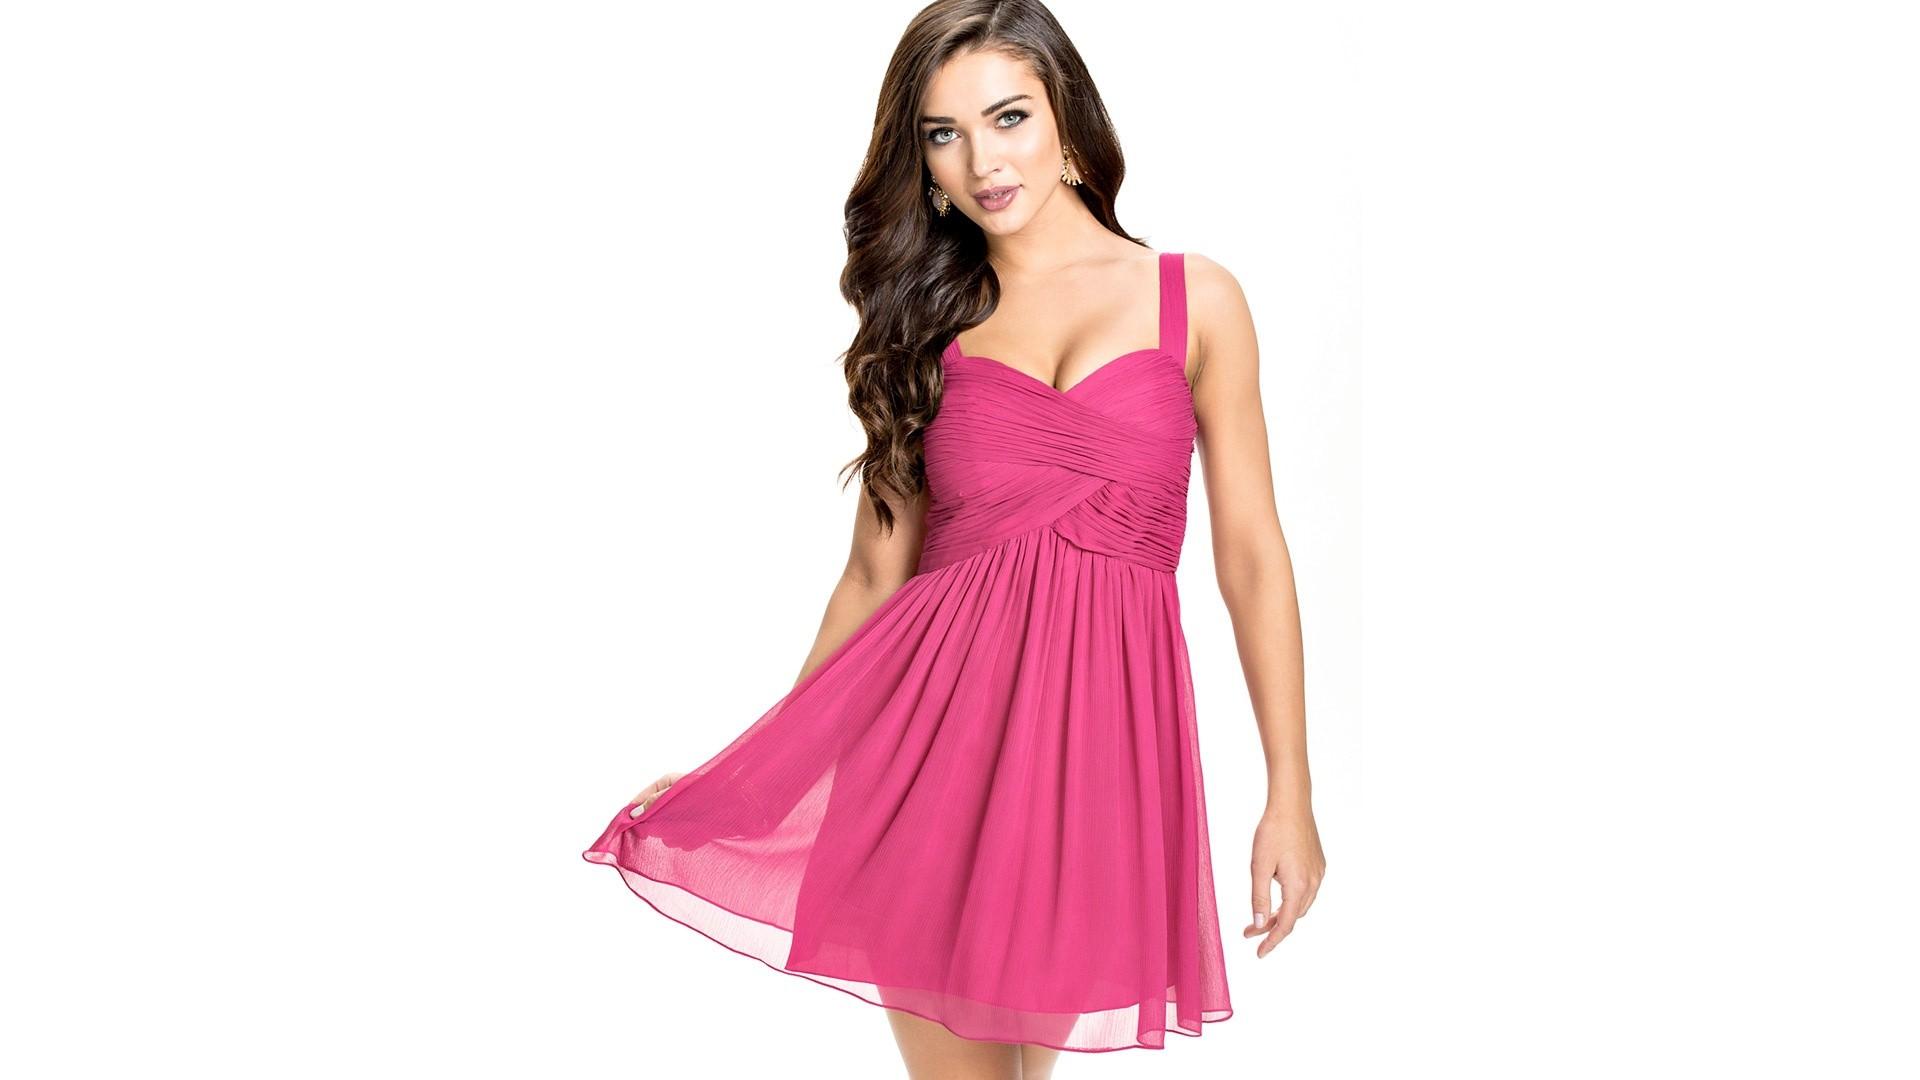 Hintergrundbilder : Frau, Kleid, Muster, Pfirsich, Rosa, Kleidung ...